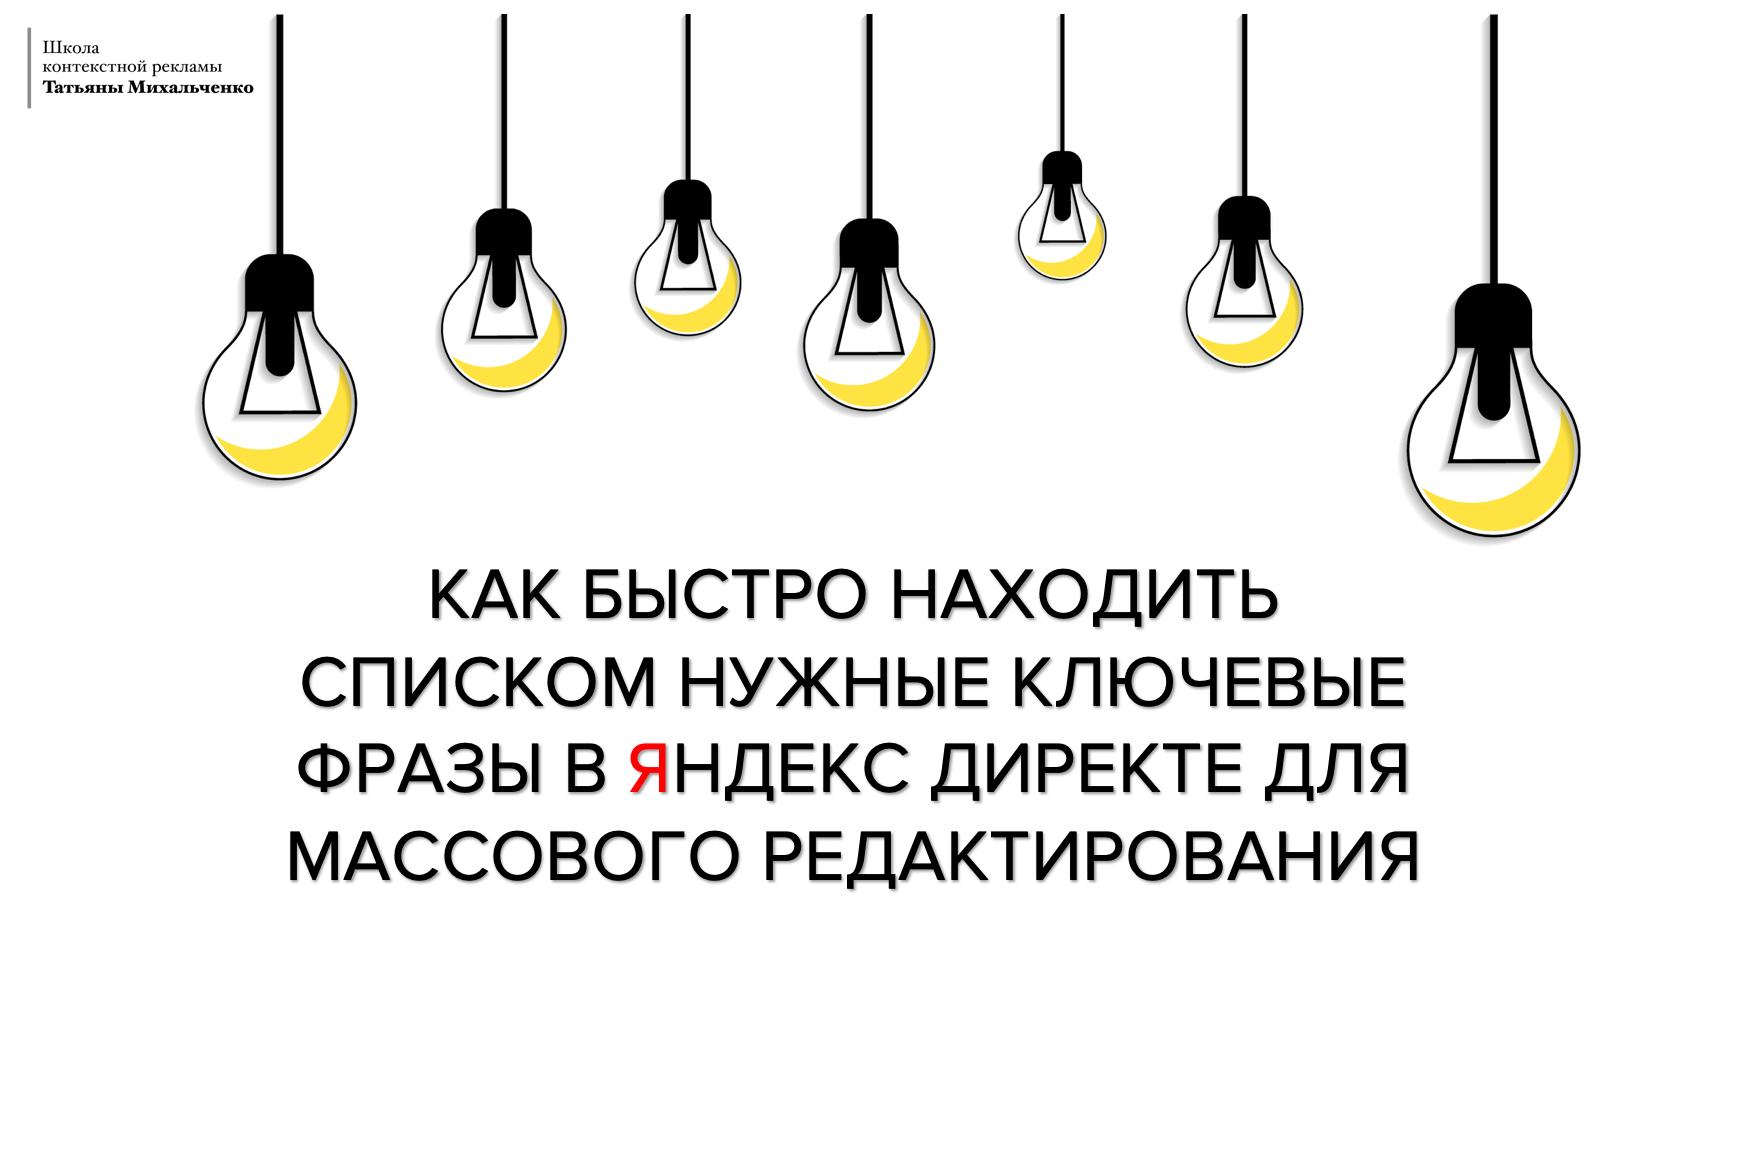 Как быстро находить СПИСКОМ нужные ключевые фразы в Яндекс Директе для МАССОВОГО редактирования